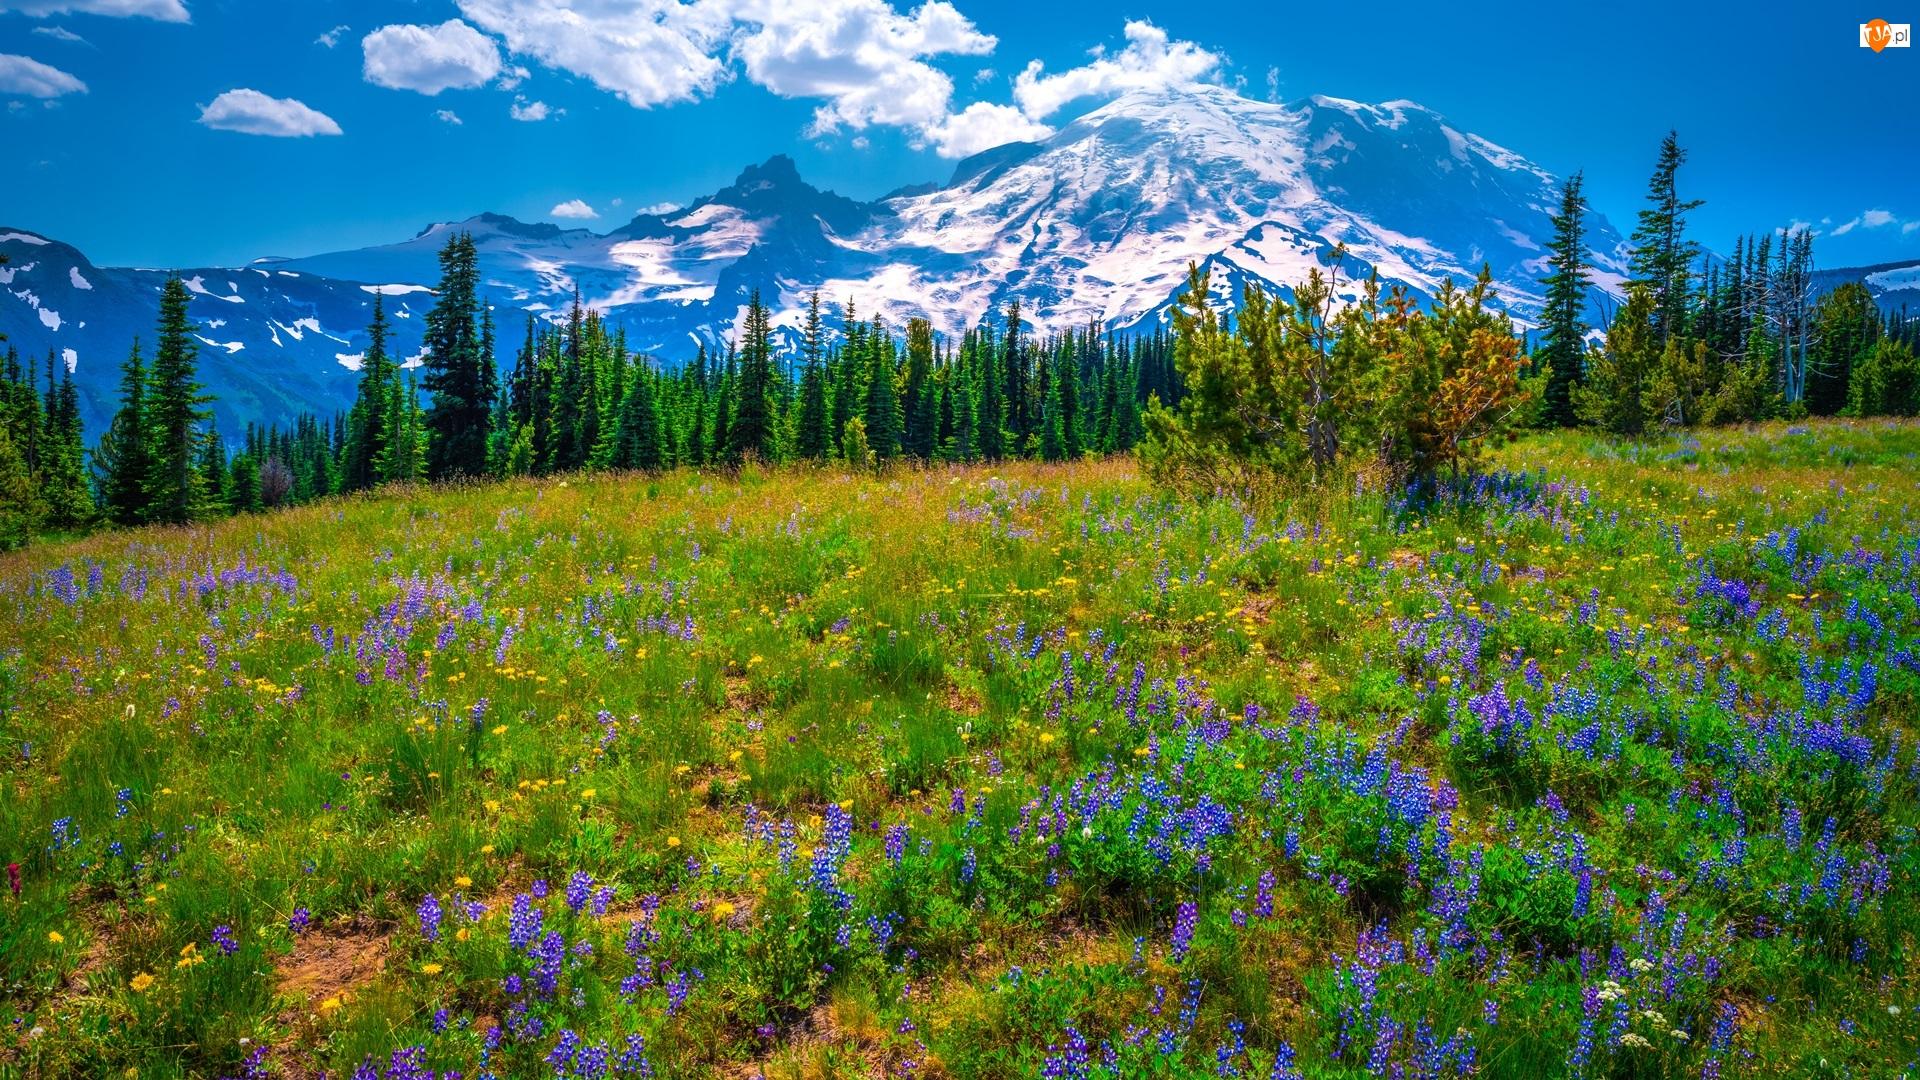 Stany Zjednoczone, Drzewa, Stan Waszyngton, Kwiaty, Łubin, Park Narodowy Mount Rainier, Łąka, Góry, Fioletowe